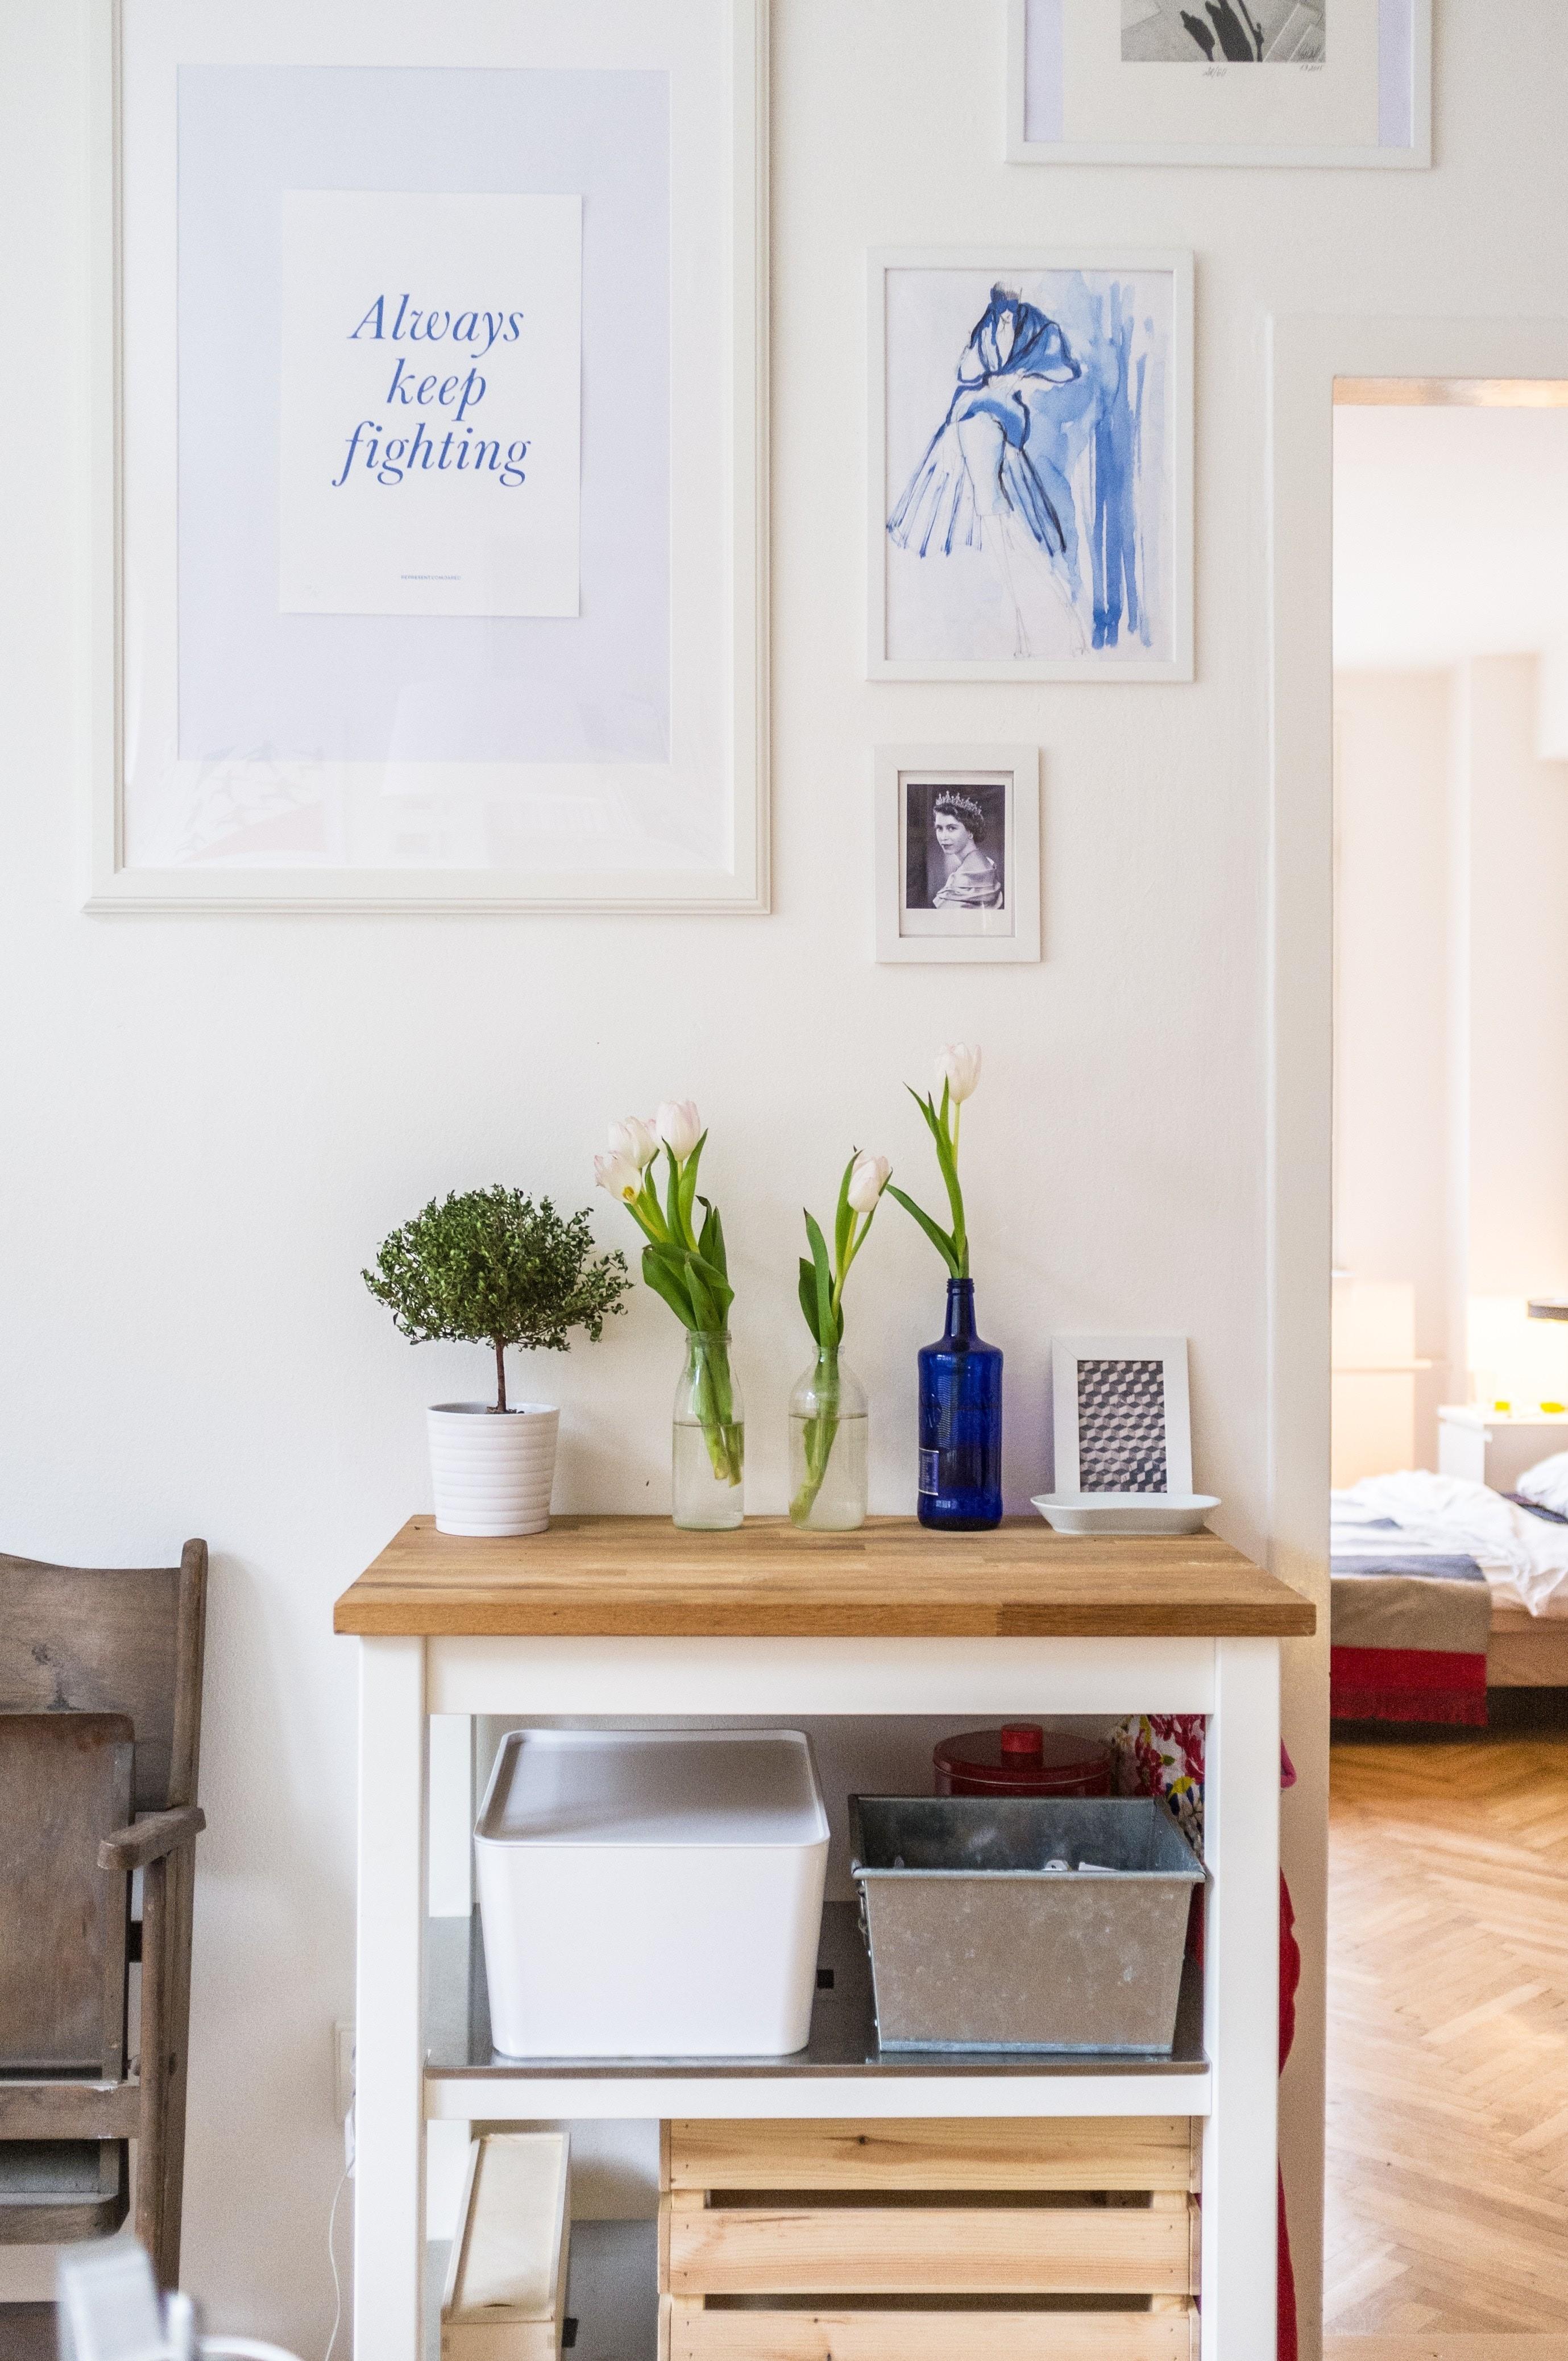 Все секреты организации пространства и хранения вещей в доме (все очень просто)